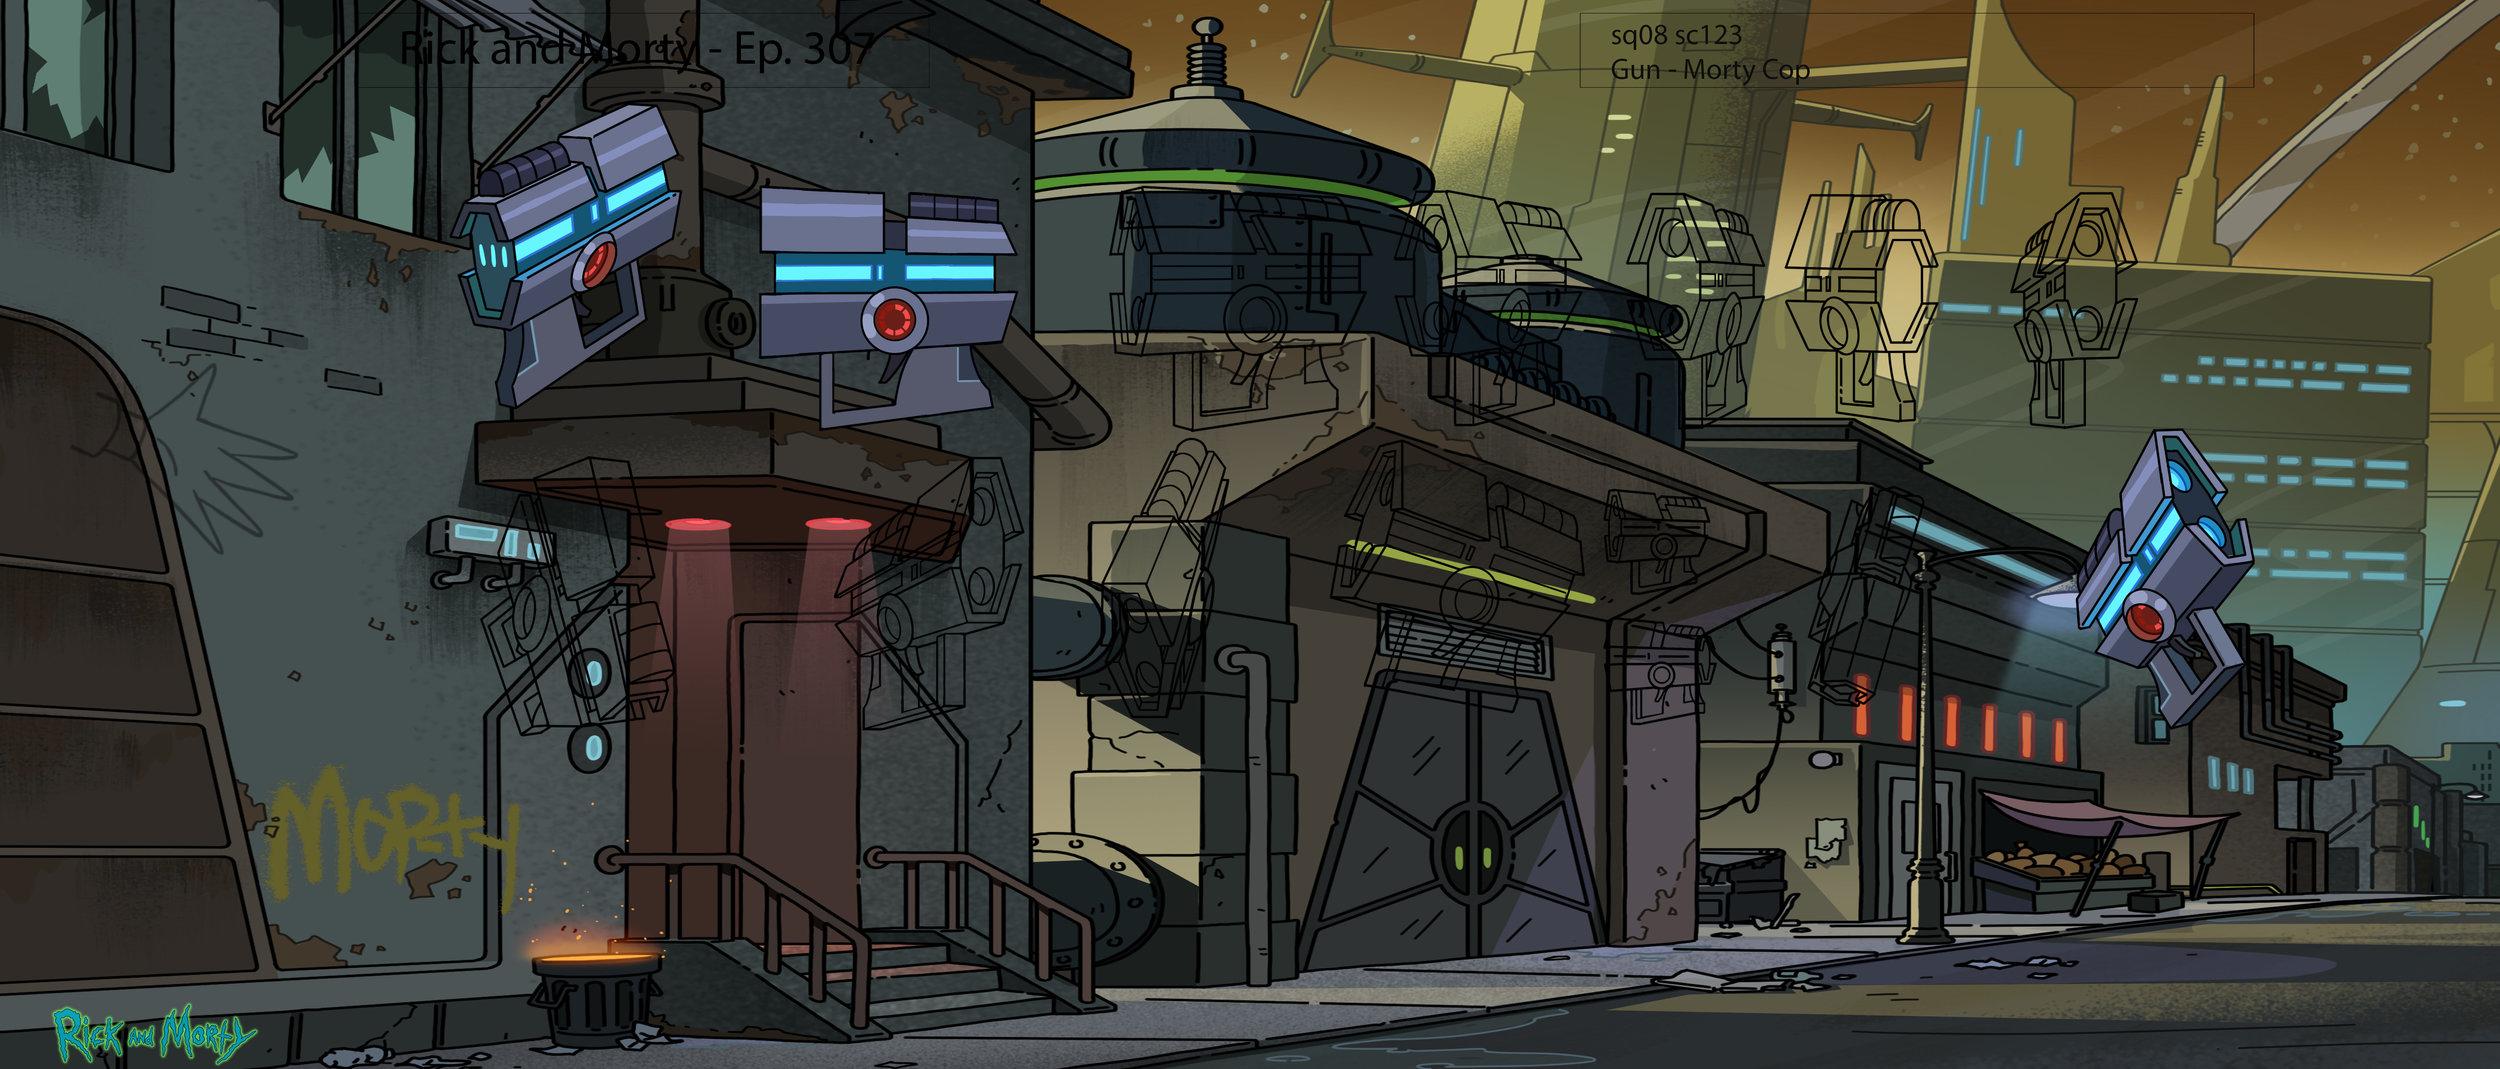 307_PR_sq08sc123_Gun_MortyCop_Color_V1_CB.jpg